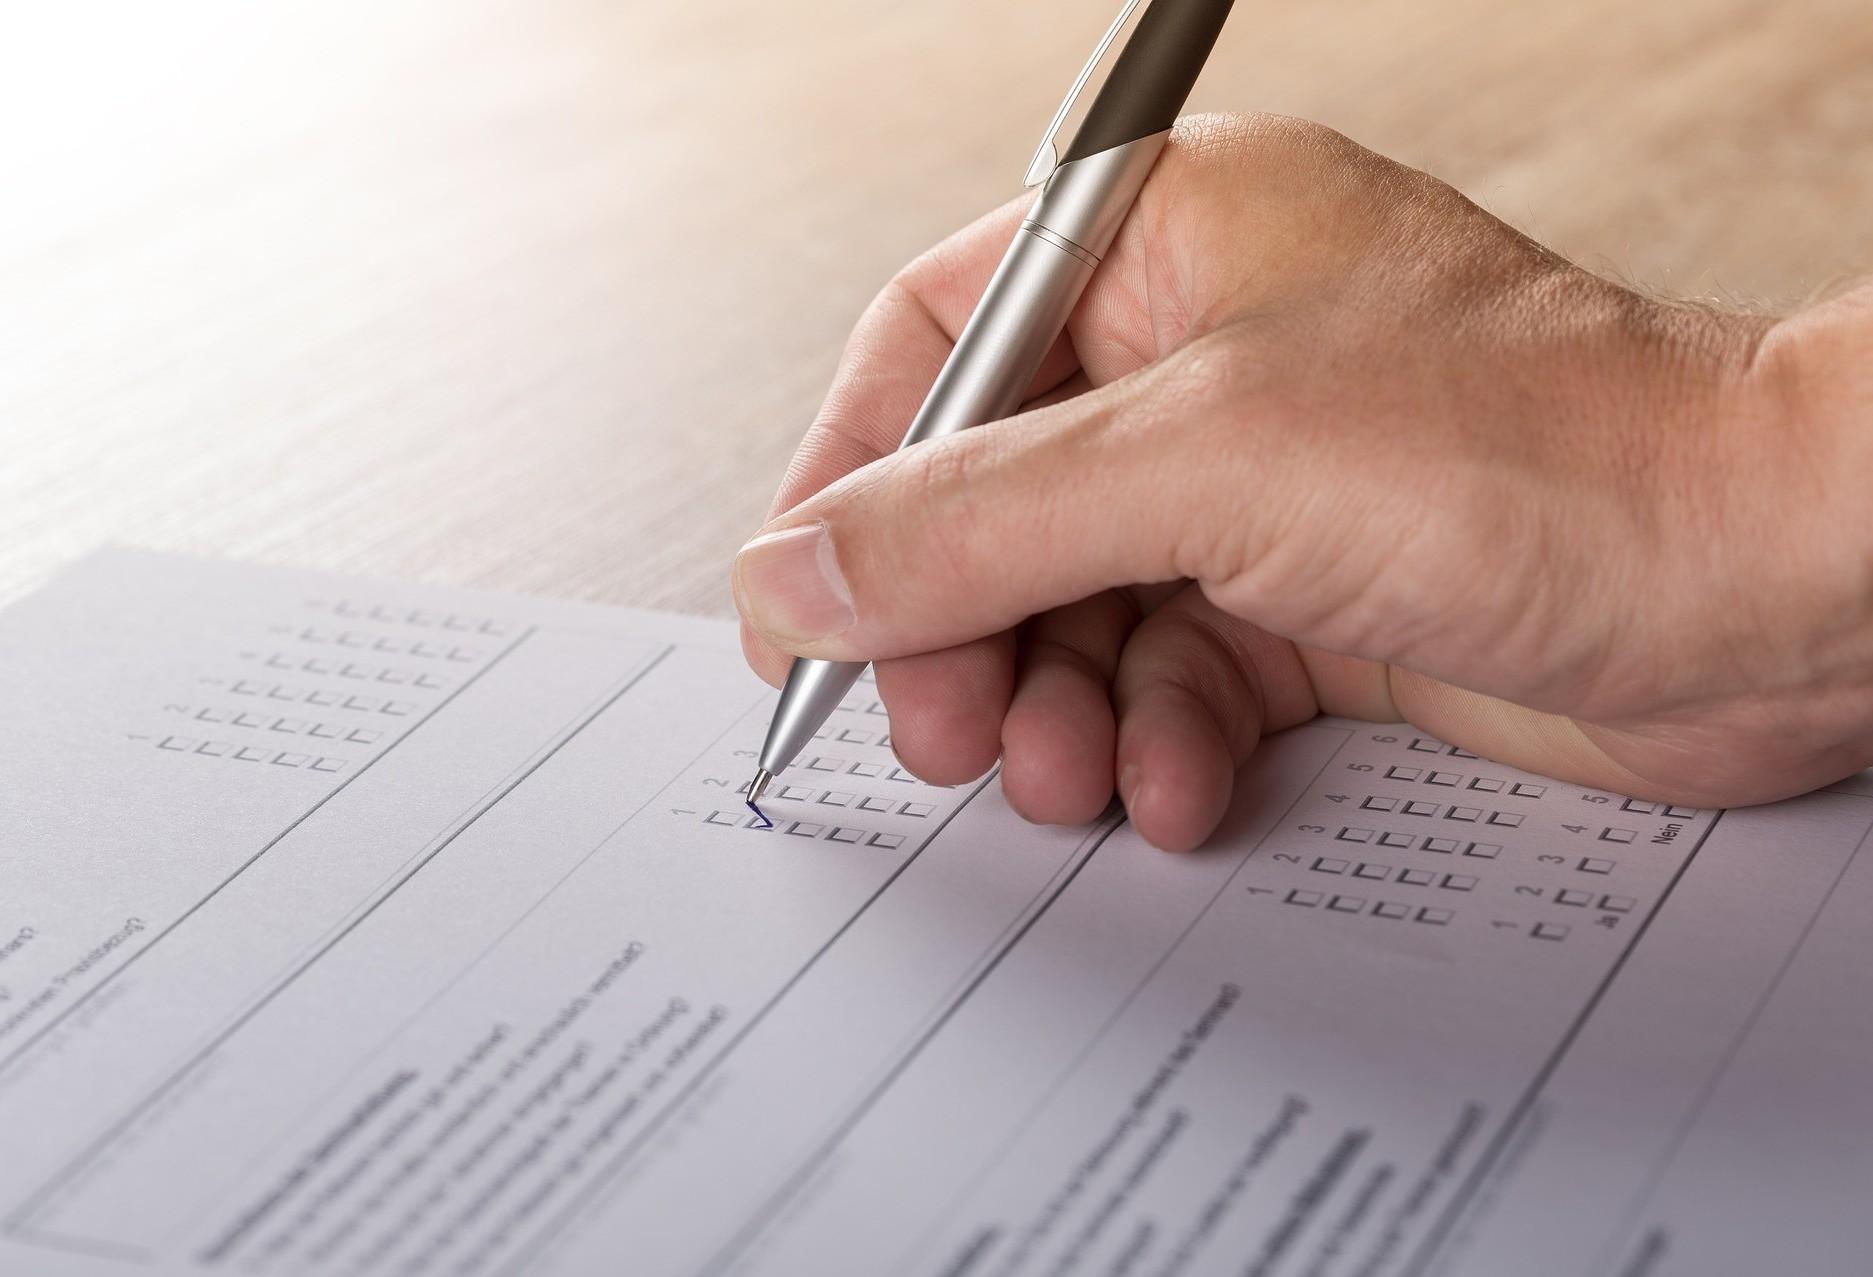 Prefeitura de Terra Boa está com inscrições abertas para concurso público